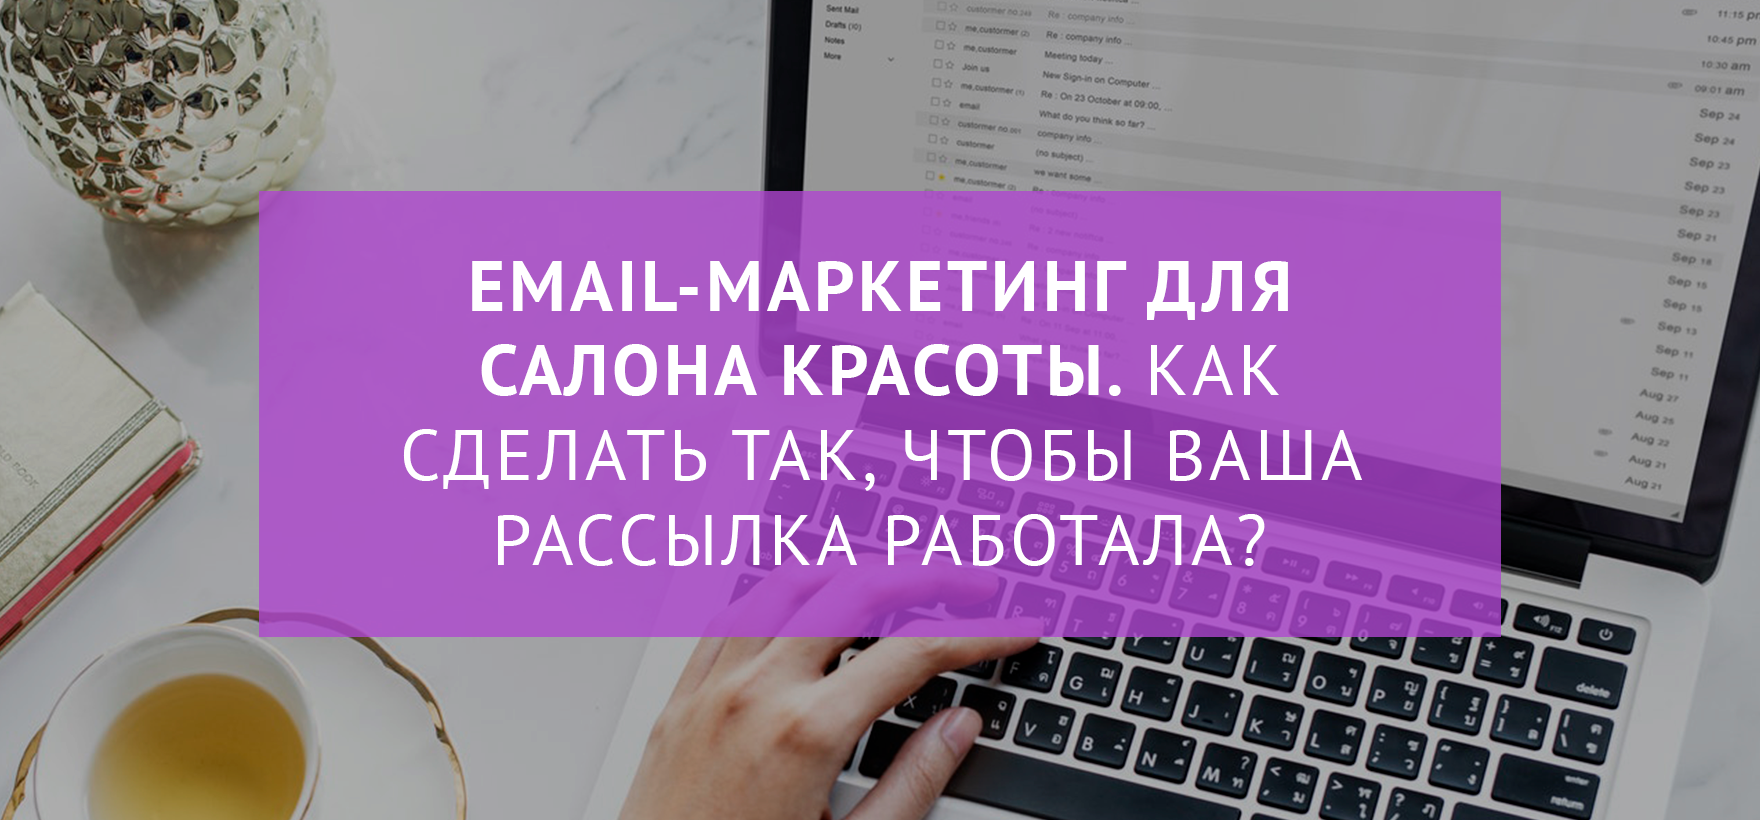 Email-маркетинг для салона красоты. Как сделать так, чтобы ваша рассылка работала?